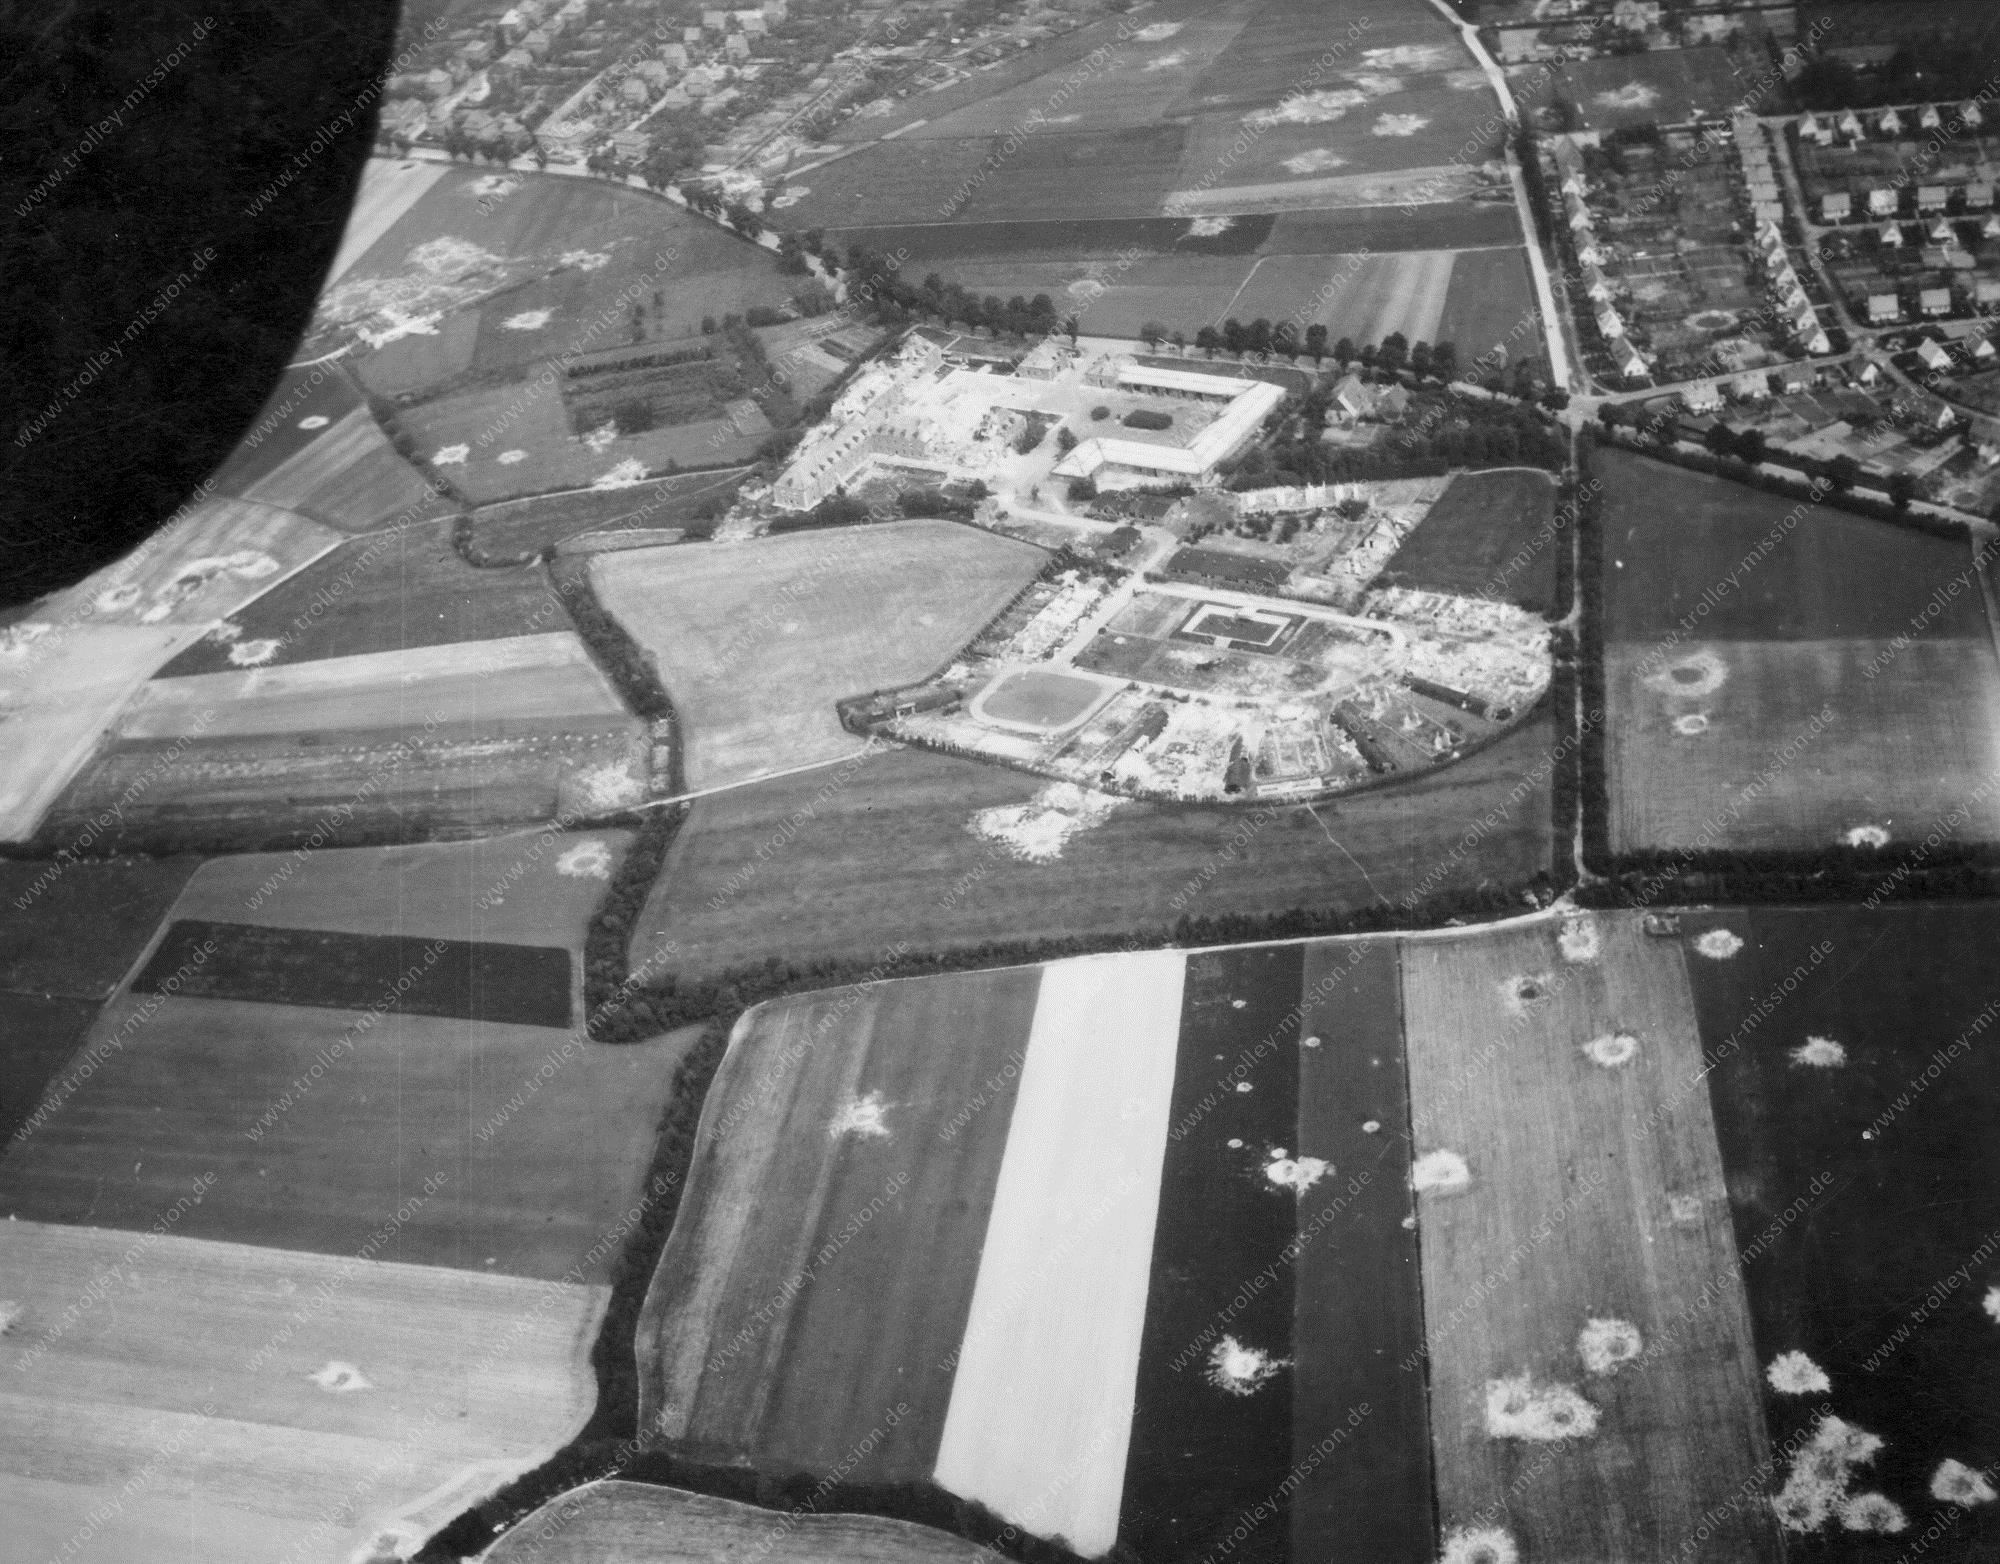 Münster Luftbild Gelände am Fernmeldeturm bzw. Wasserbecken am Stephanweg